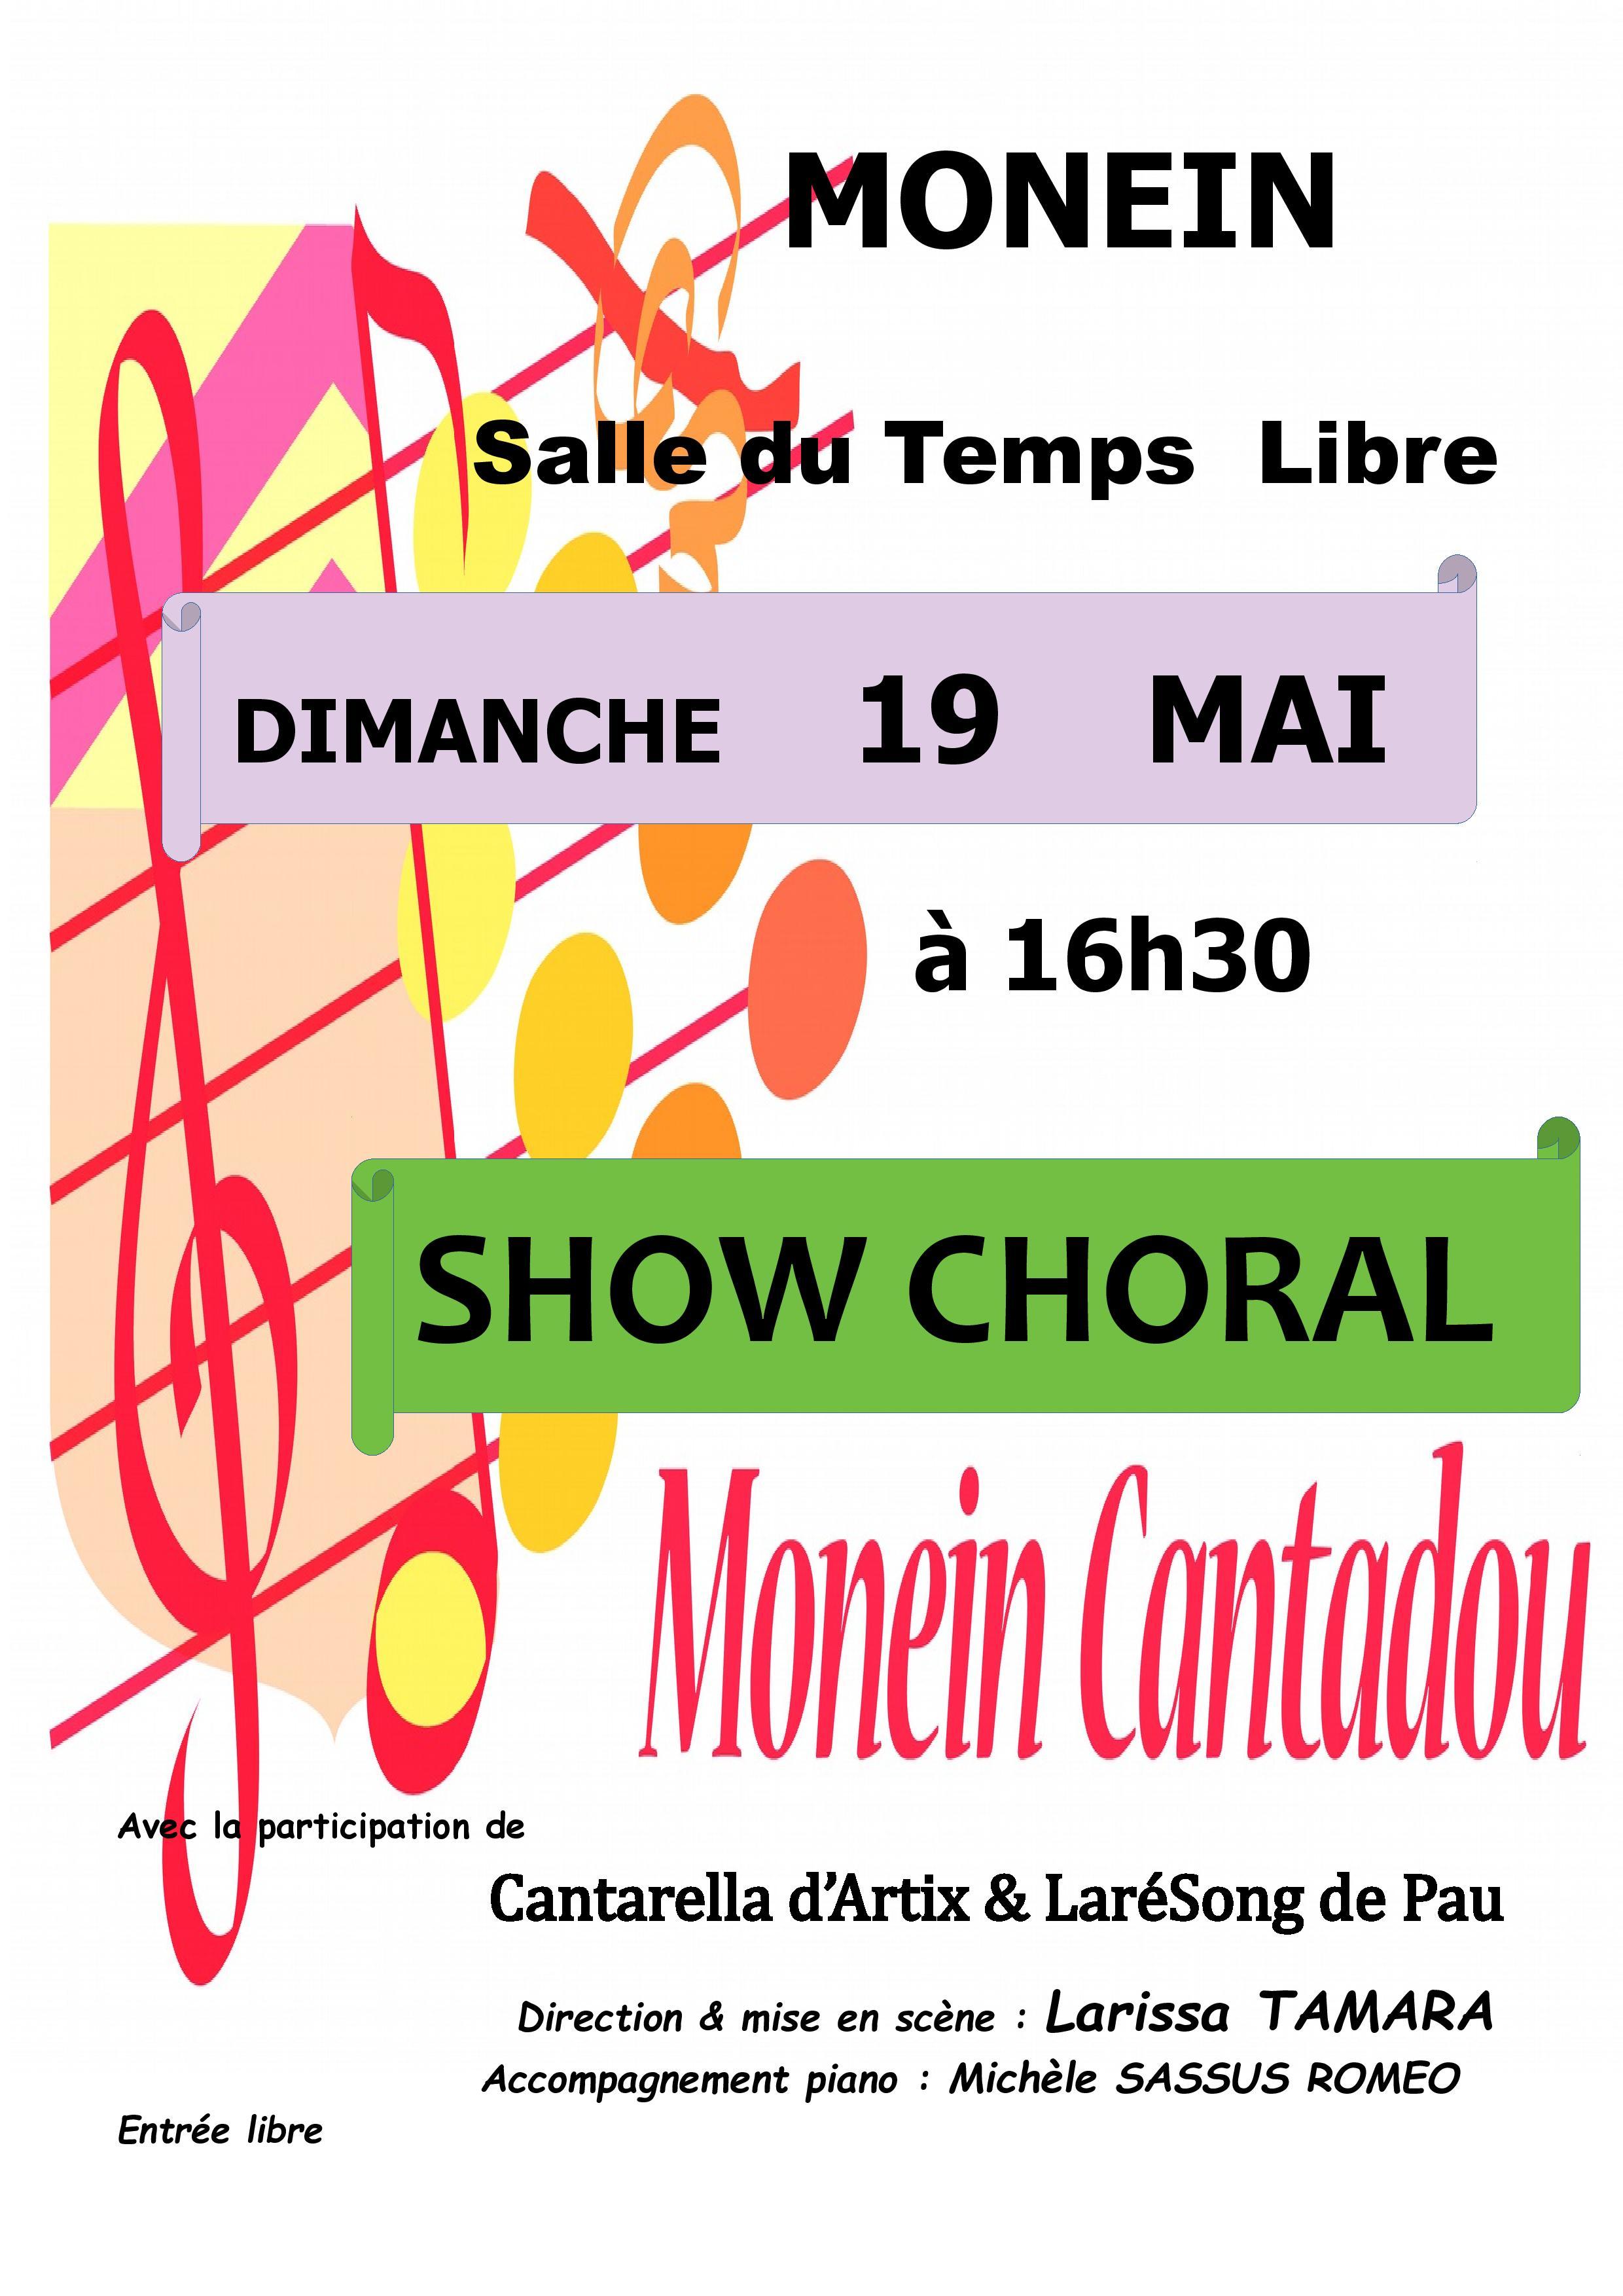 Show Choral - MONEIN